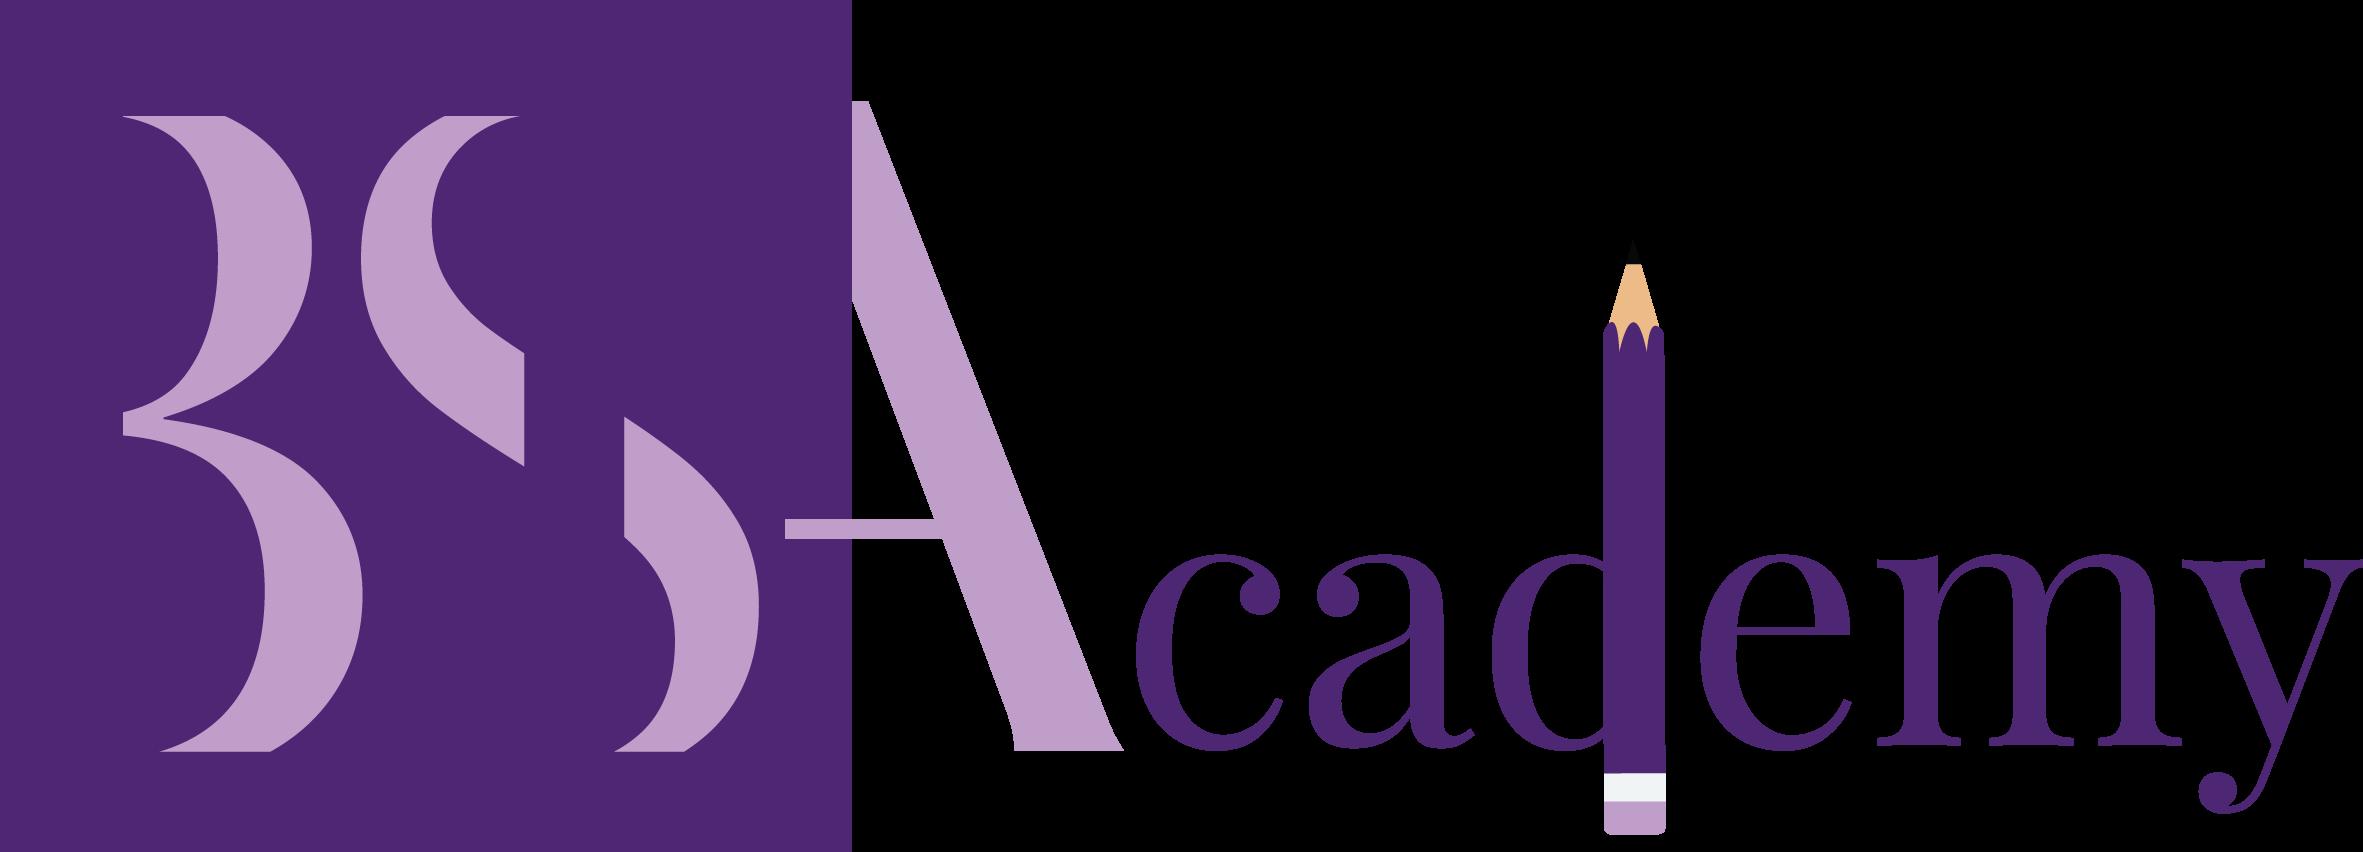 BS Academy